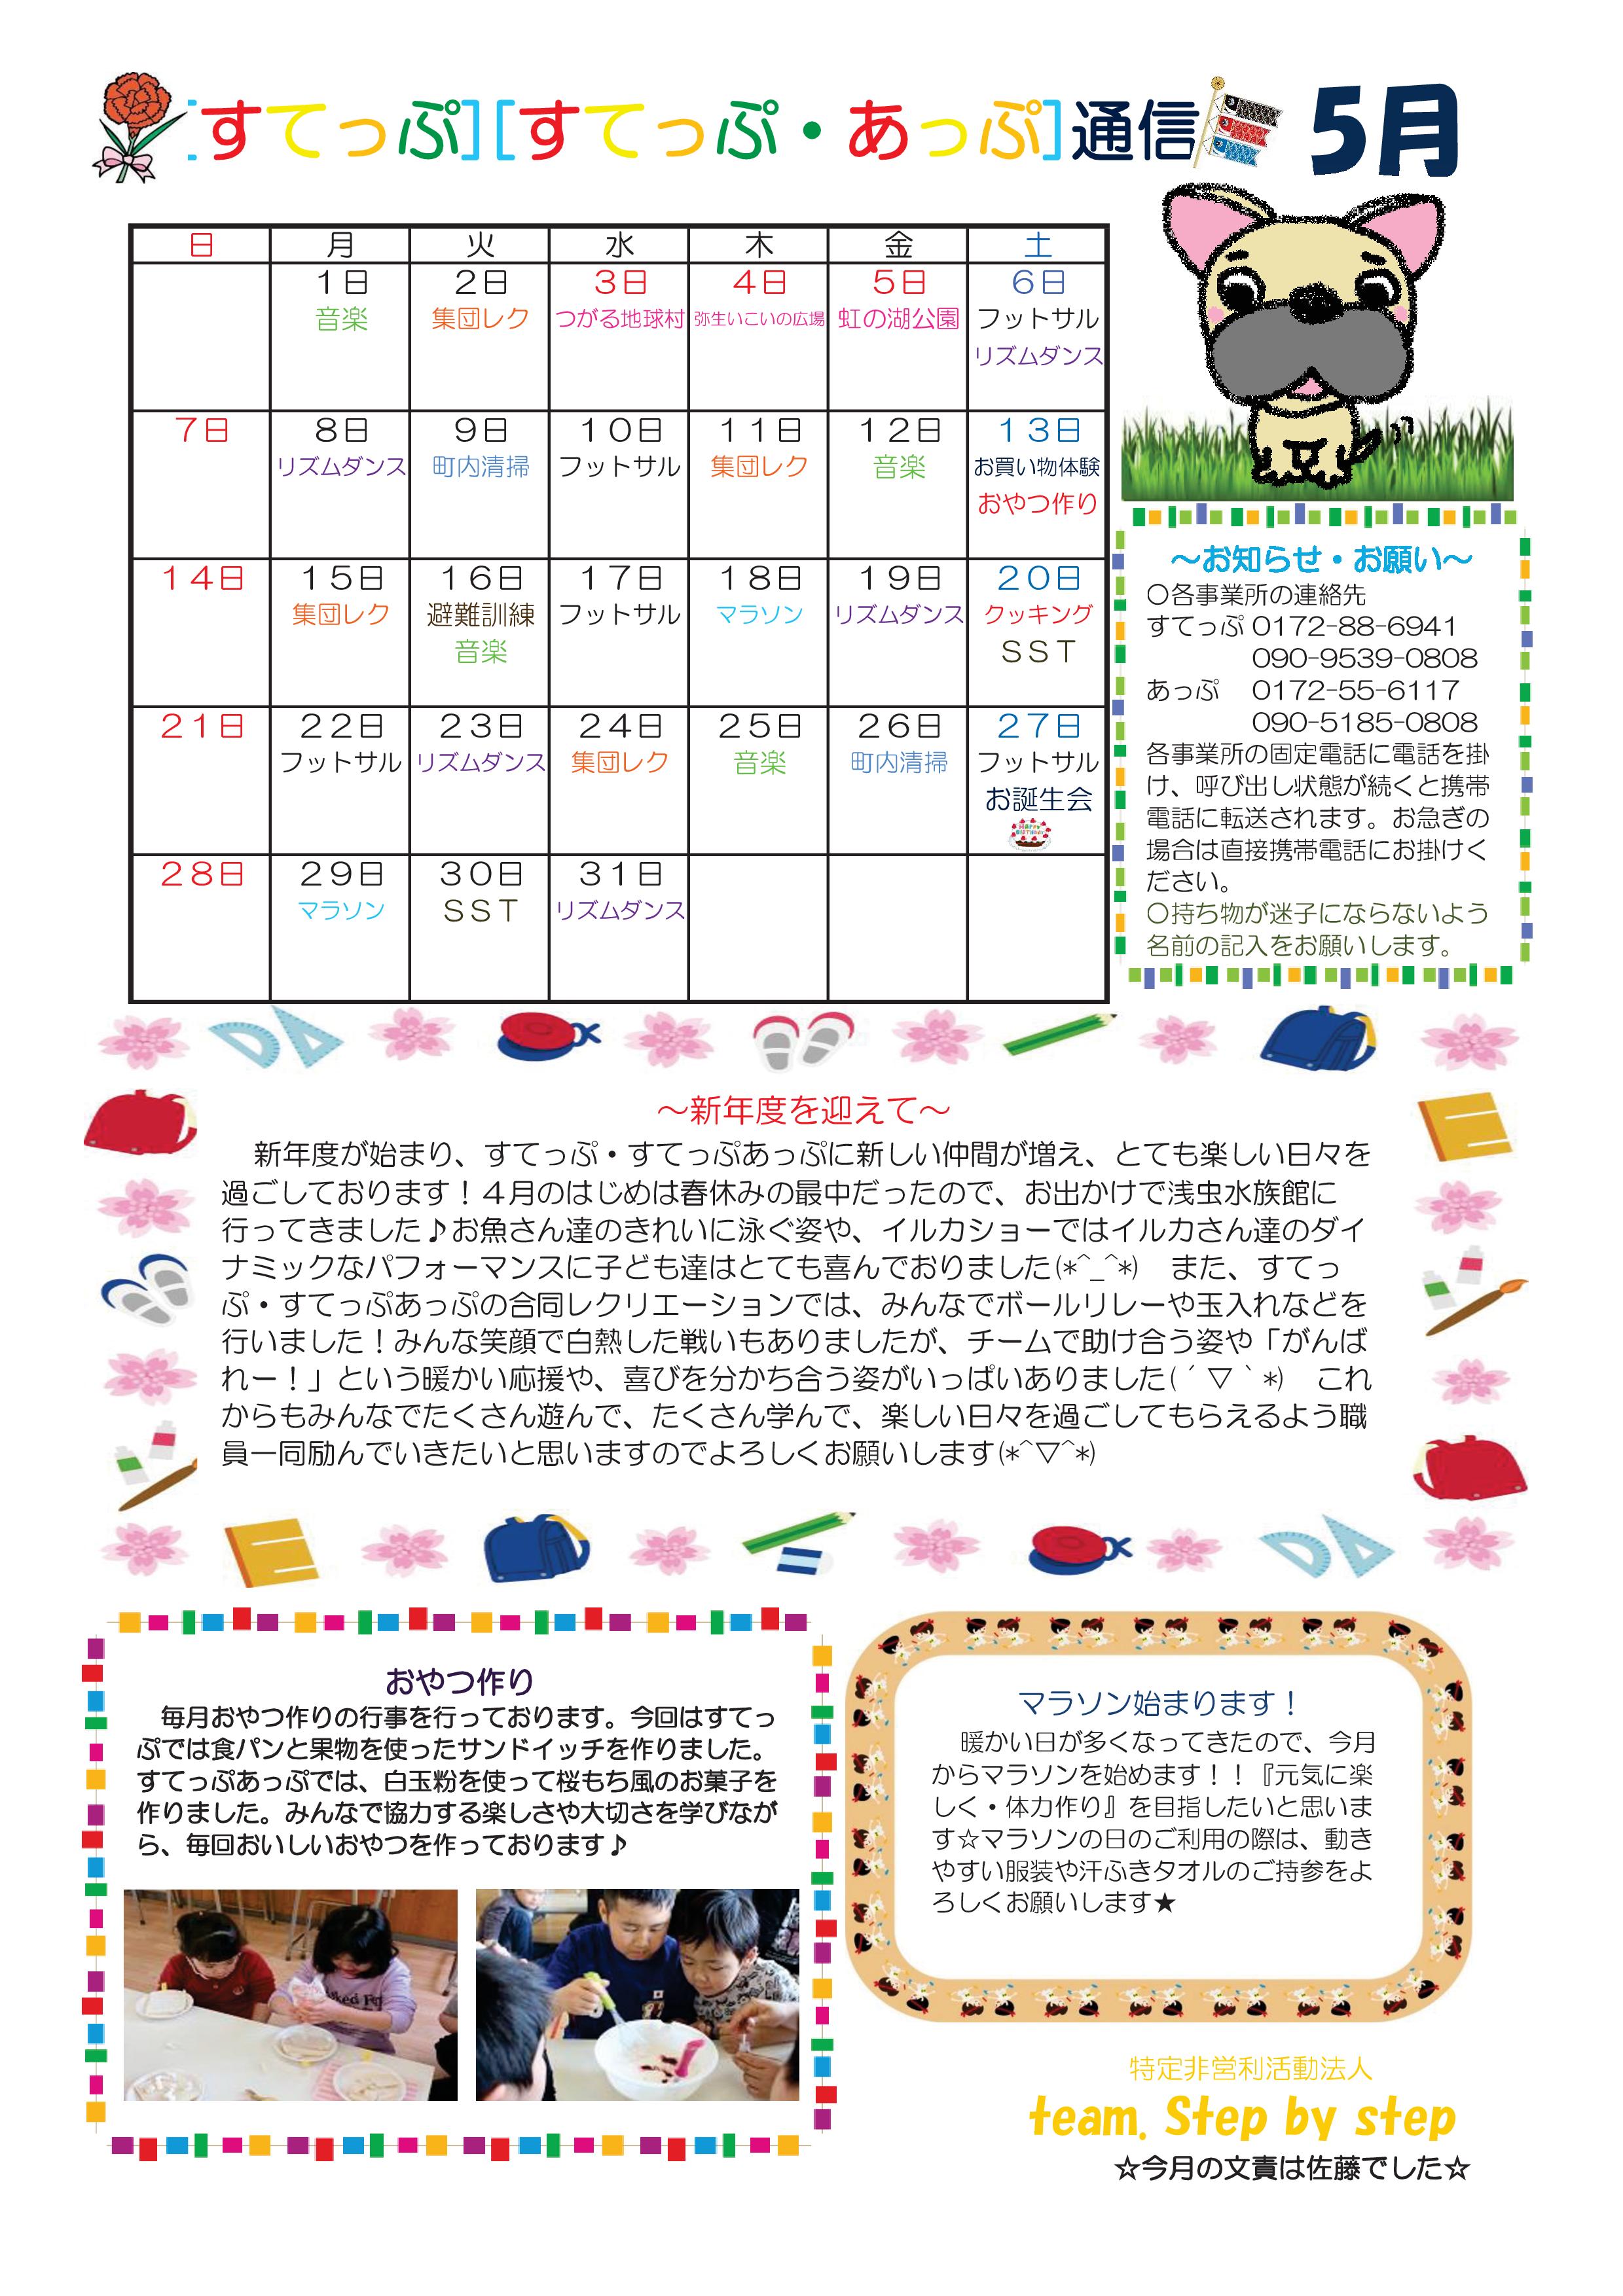 児童デイサービスすてっぷ 日中一時支援 すてっぷ通信2017年5月号